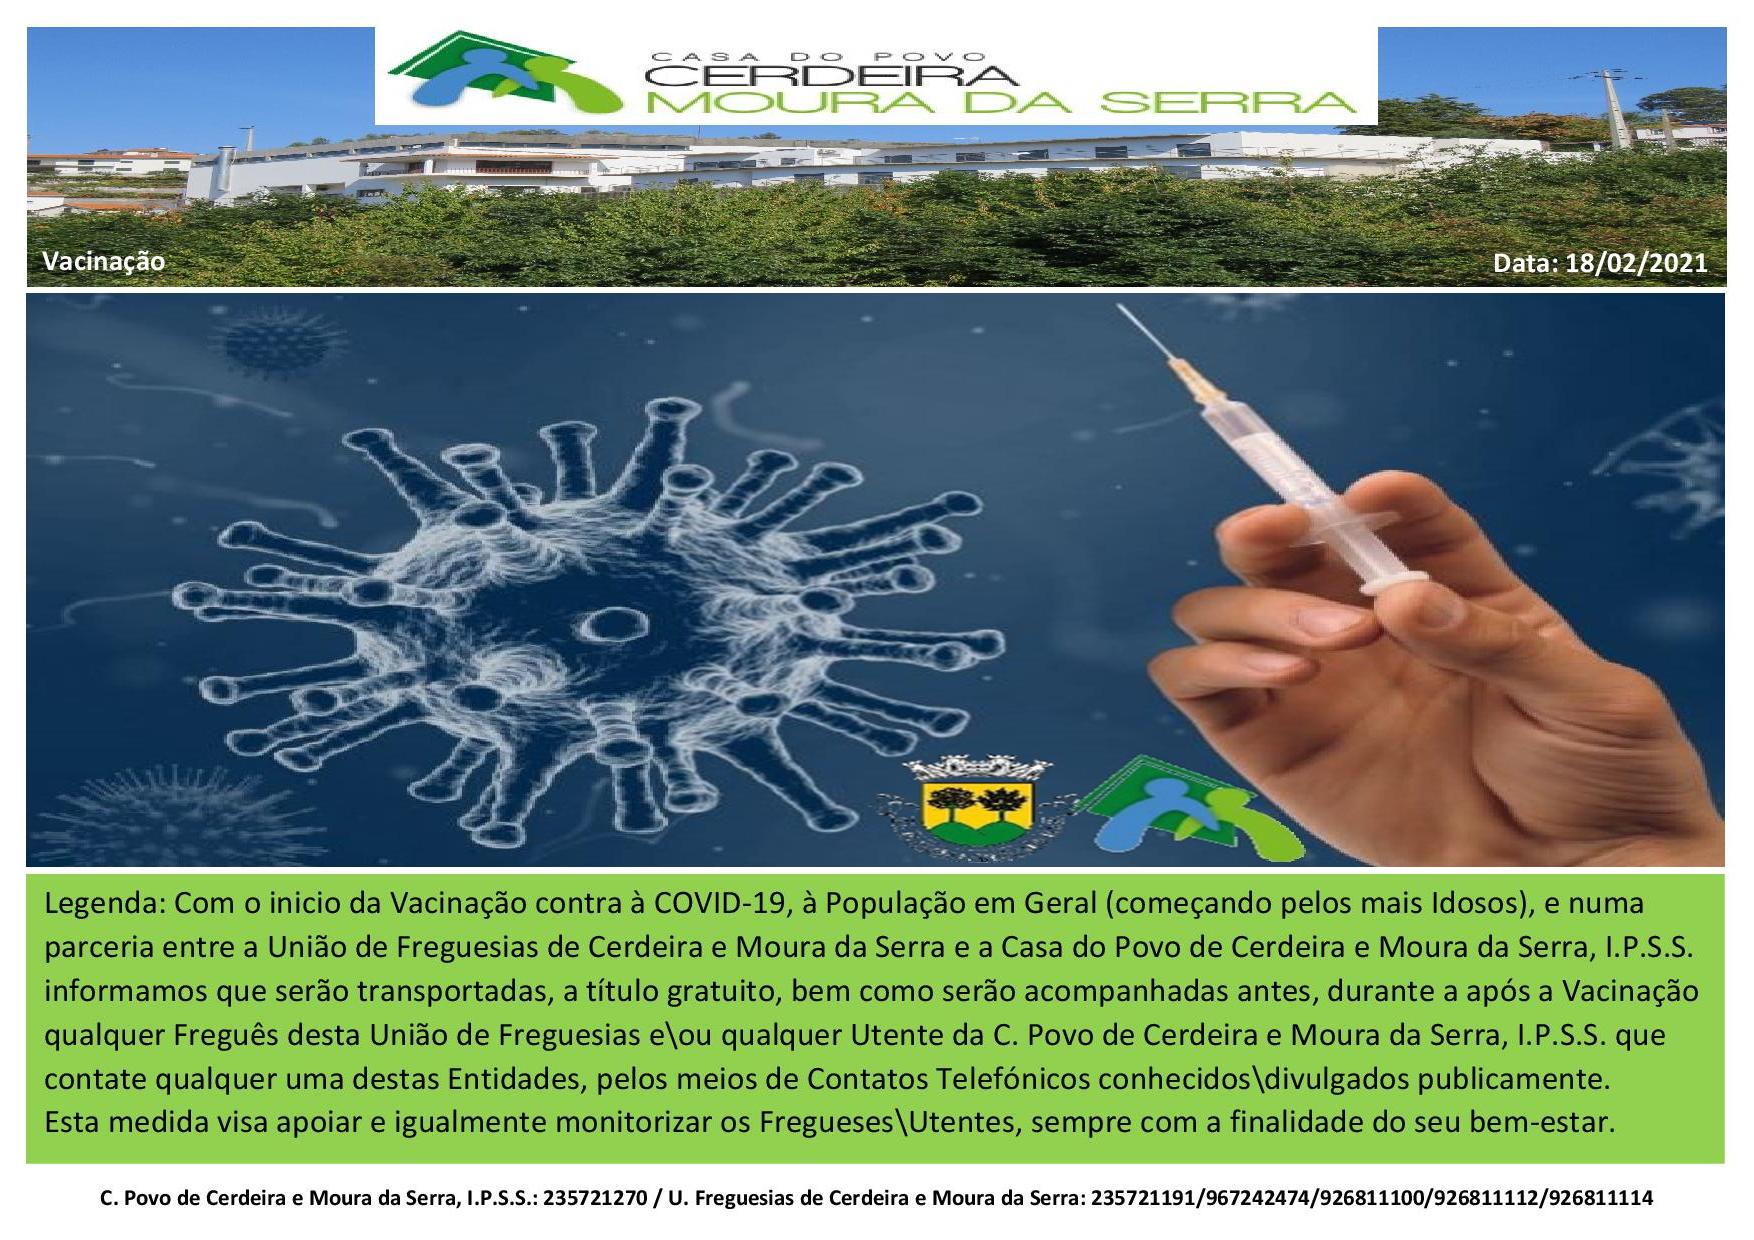 Casa do Povo de Cerdeira e Moura da Serra, I.P.S.S. – Vacinação População